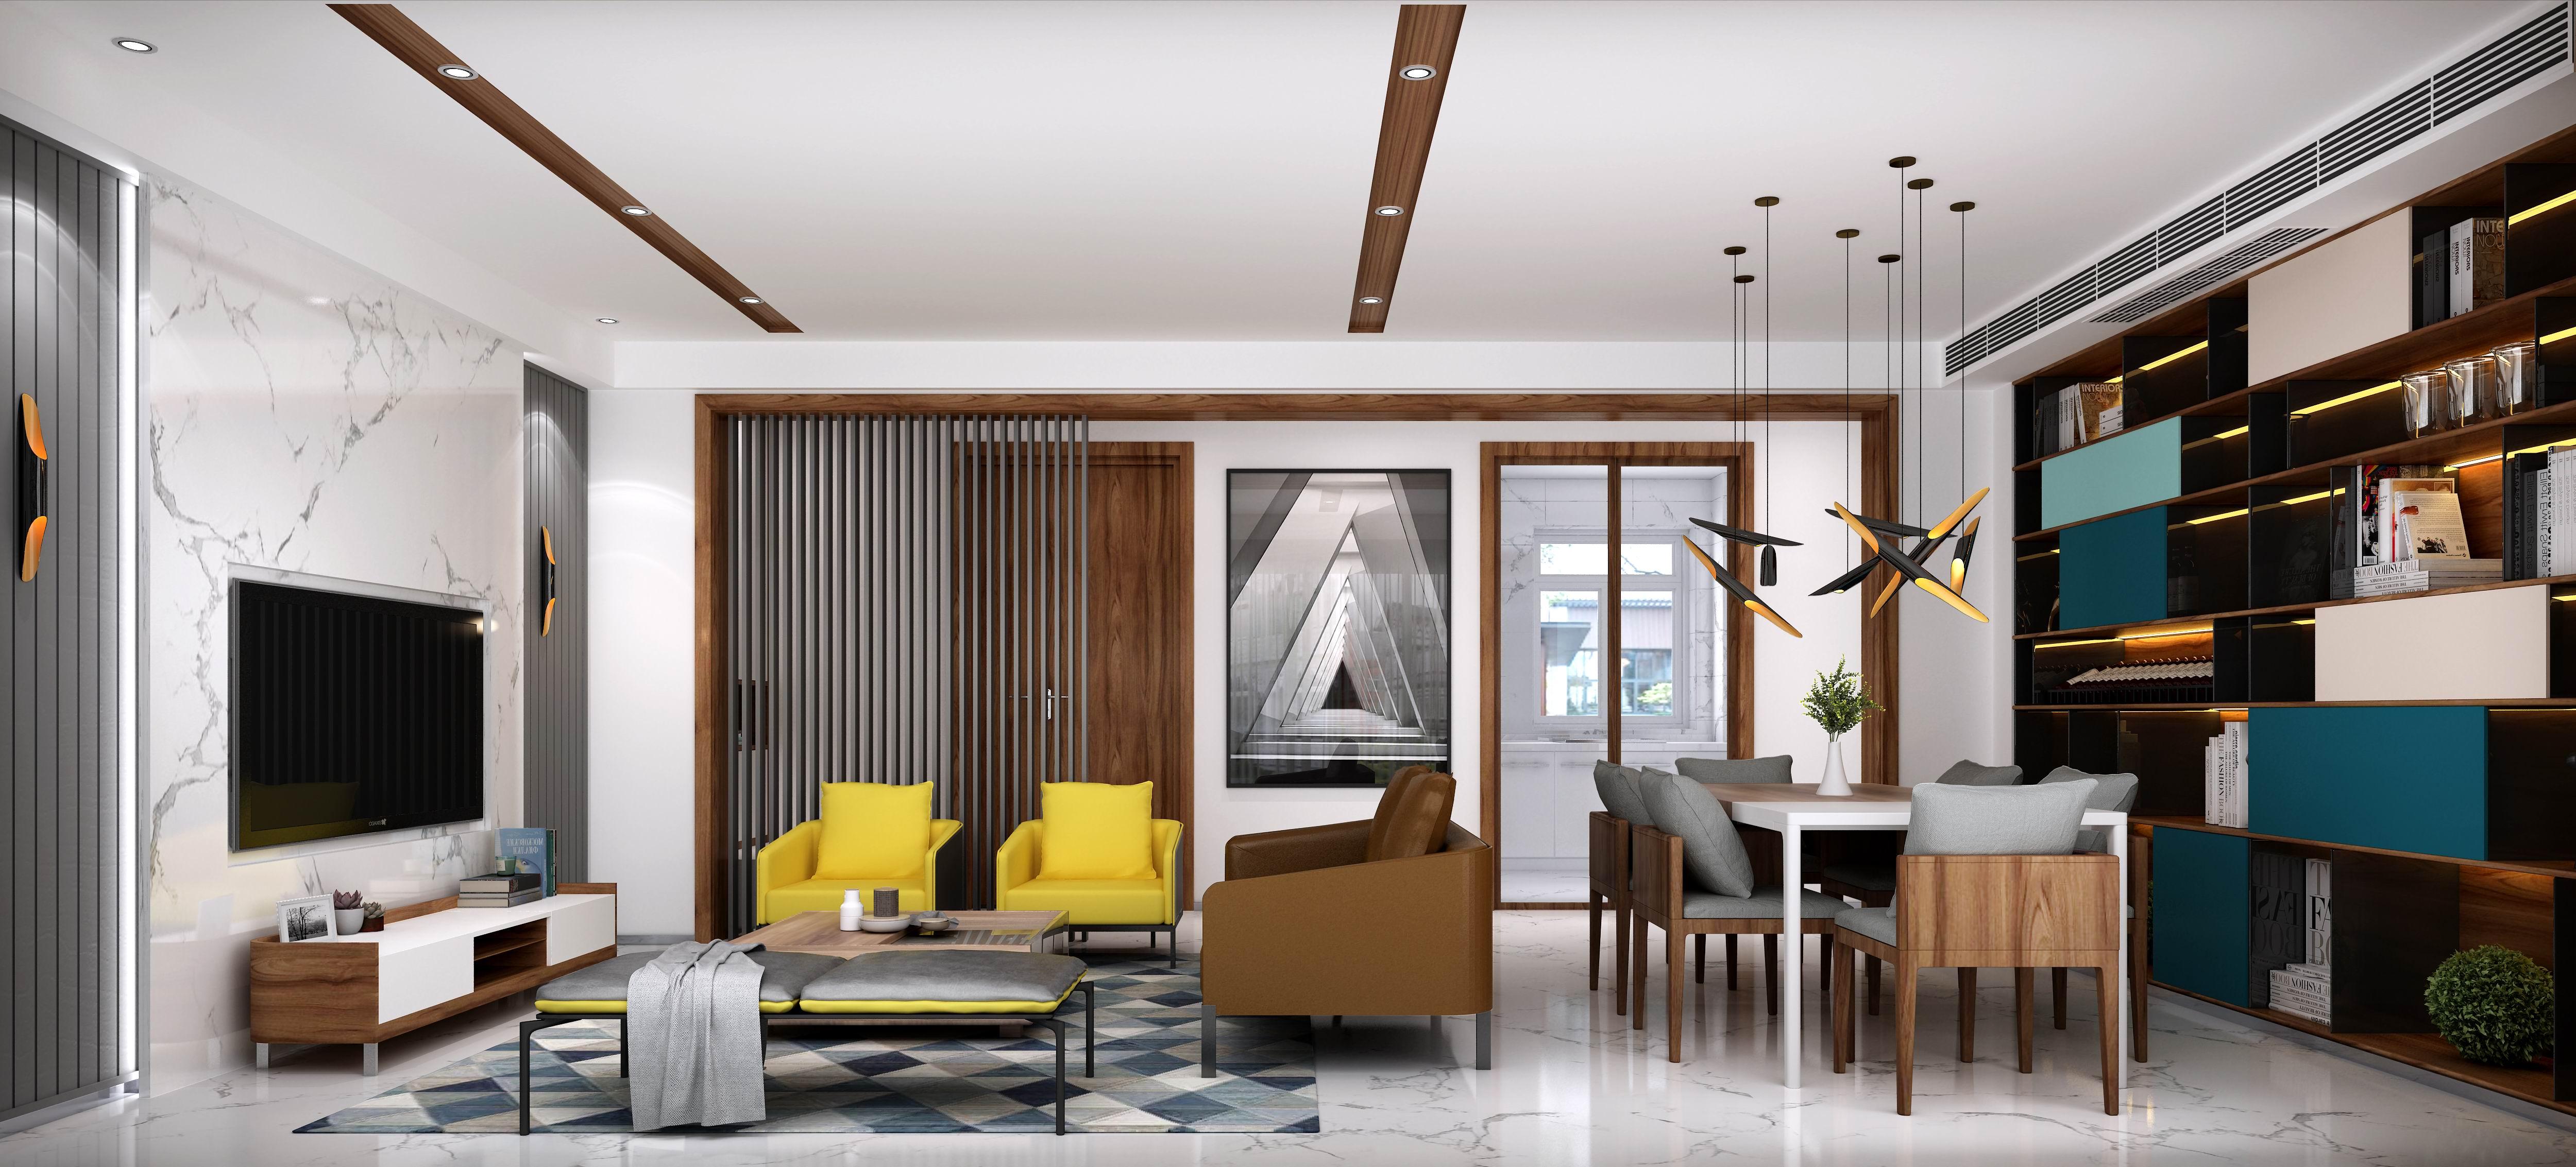 别墅 设计 装修 案例 现代风格 客餐厅图片来自无锡别墅设计s在蠡湖院子下叠310㎡现代风格案例的分享